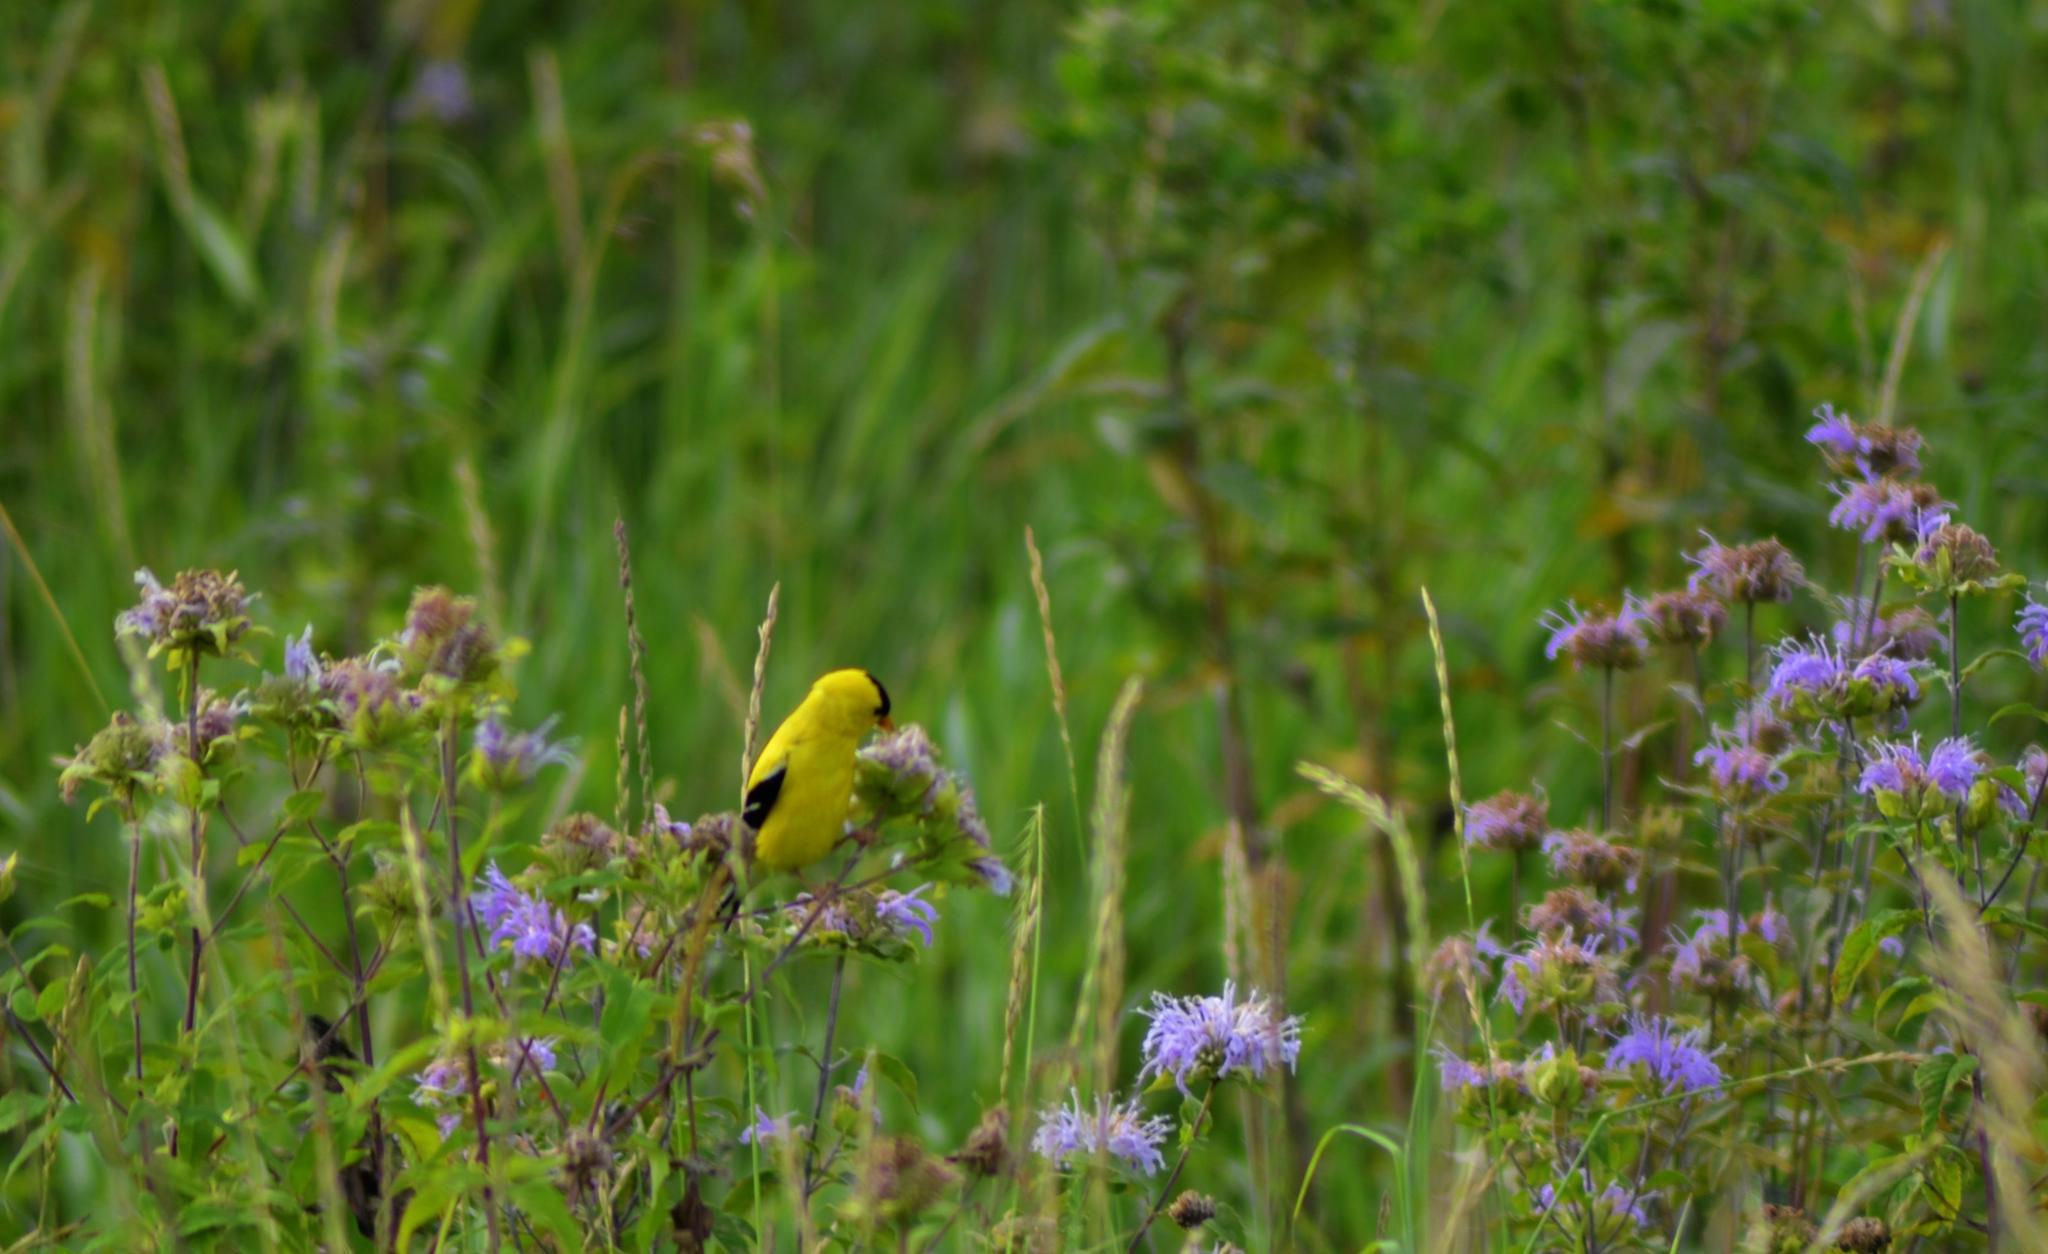 Little Bird by Kimberly Ronan